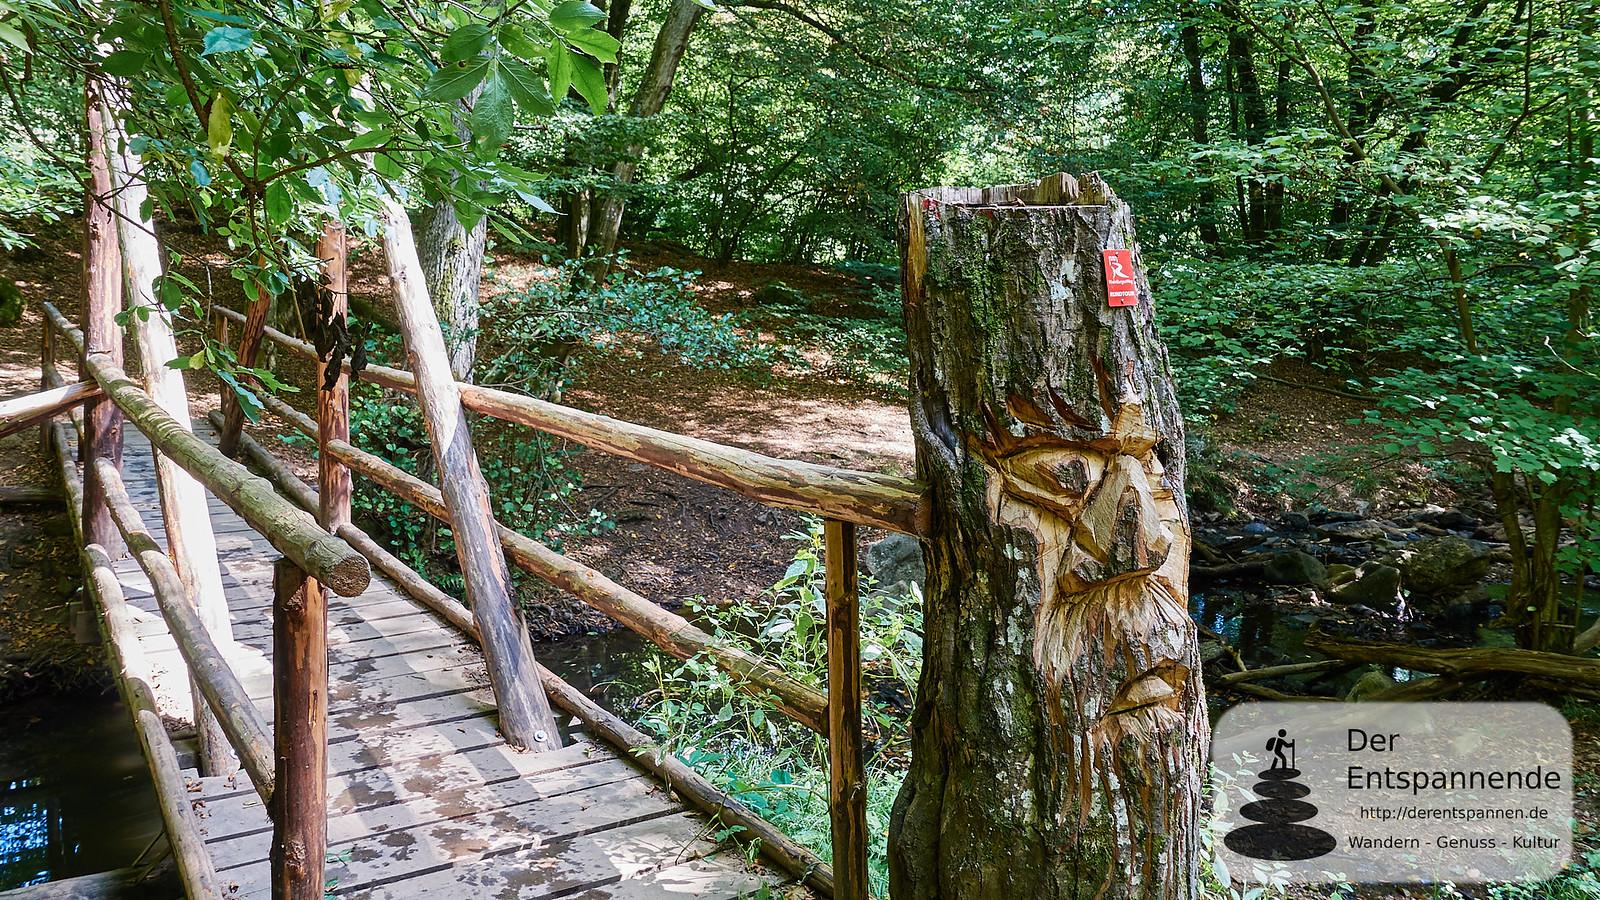 Am Ausgang der Steckeschlääferklamm: Brücke über den Morgenbach, mit Baumgeist